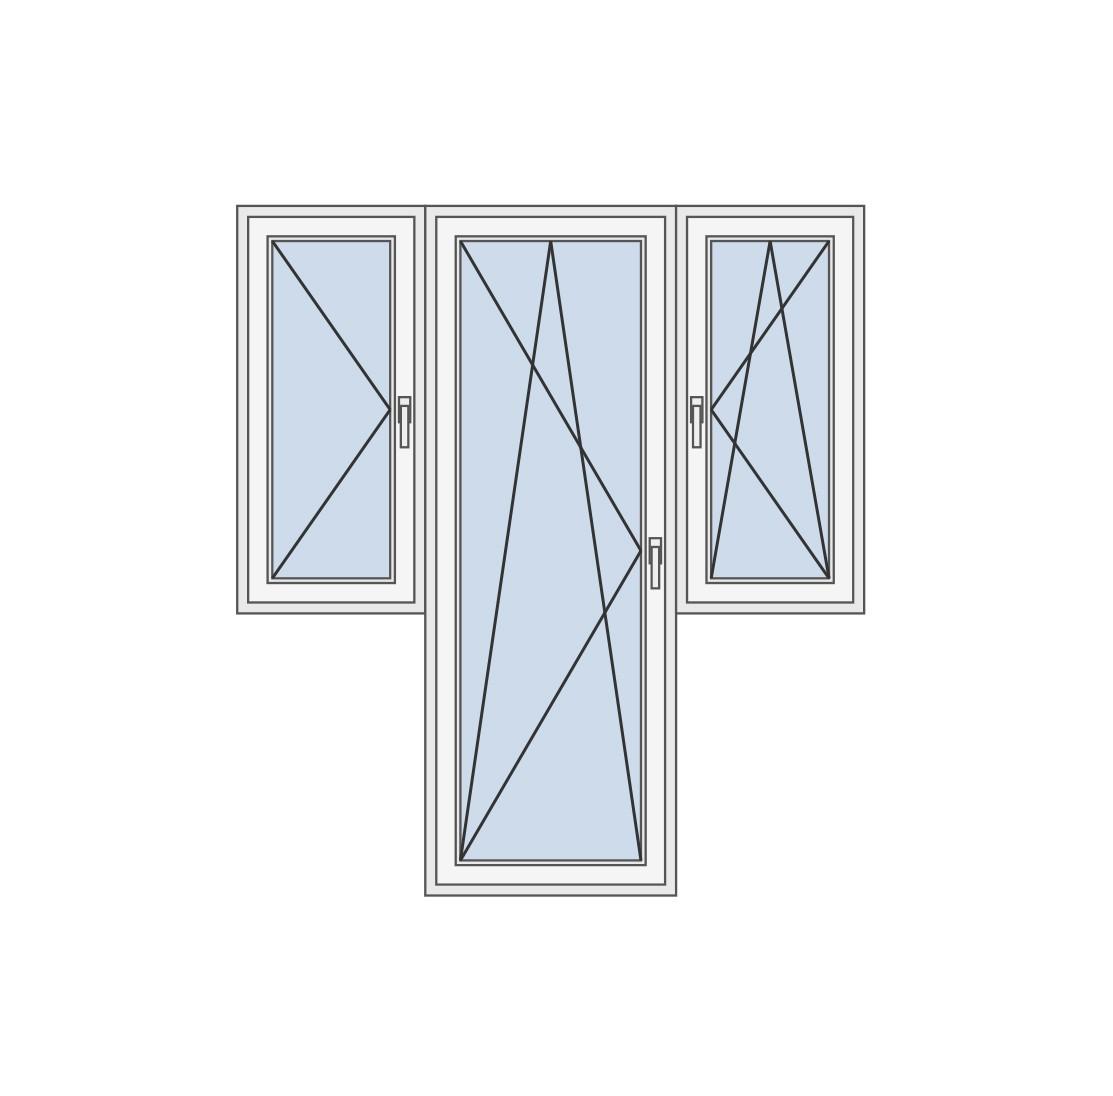 Balkonska vrata sa dva prozora